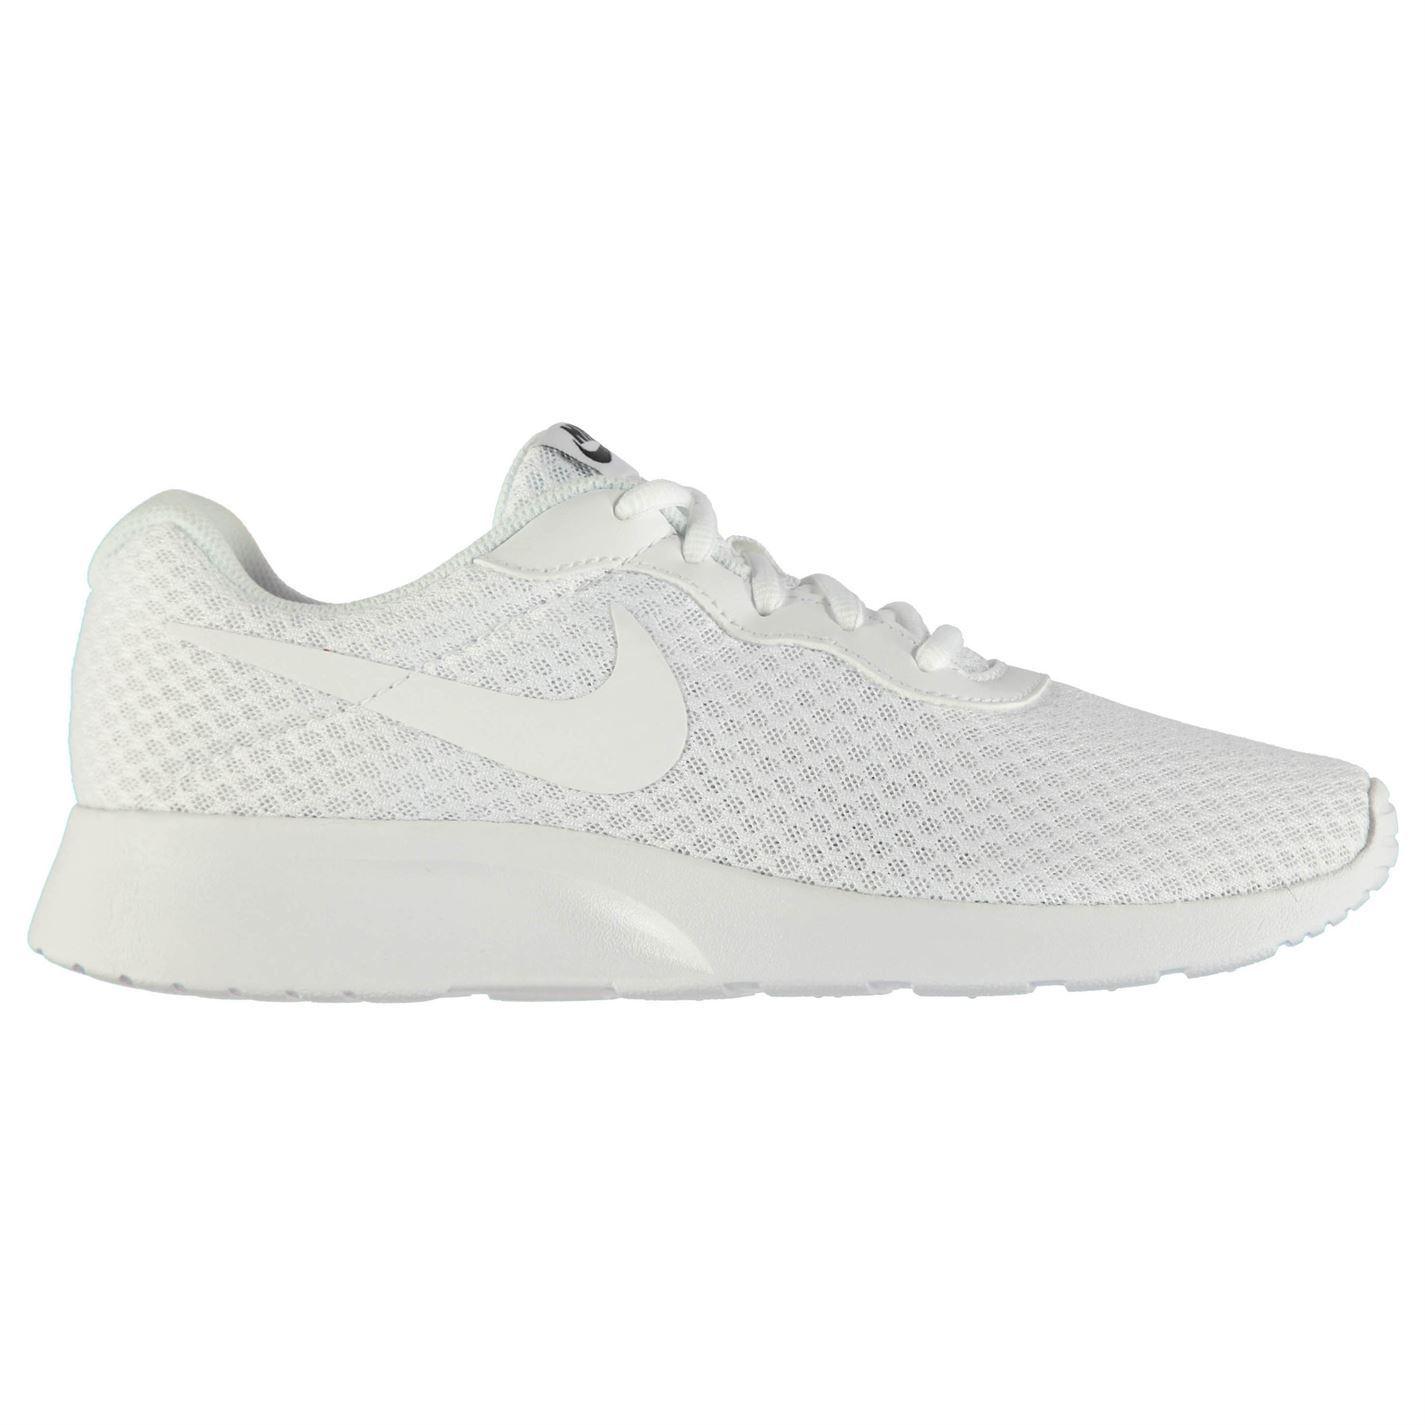 Nike Tanjun Training Fitness Shoes Mens White/White Sports Fitness Training Trainers Sneakers 9dc074